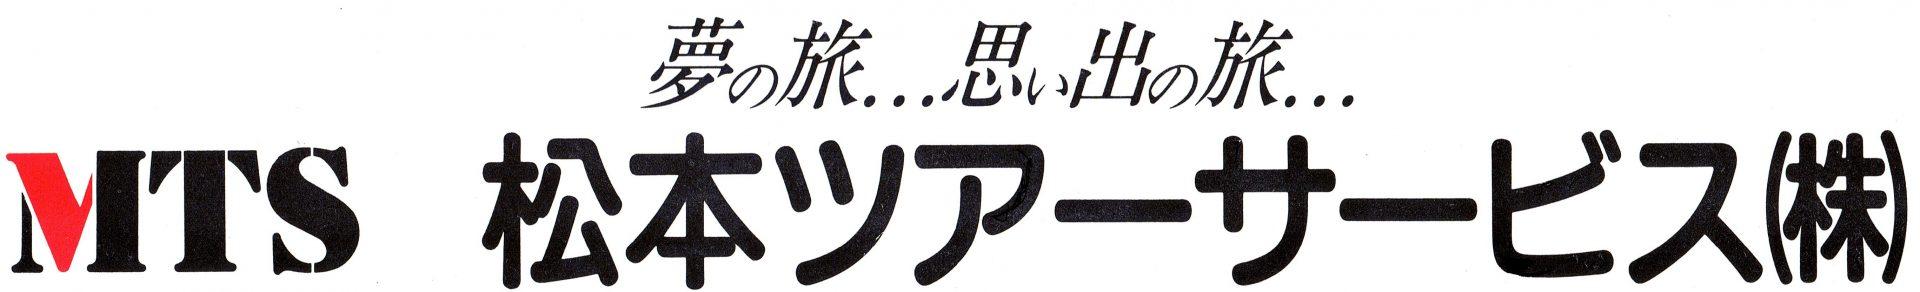 松本ツアーサービス株式会社